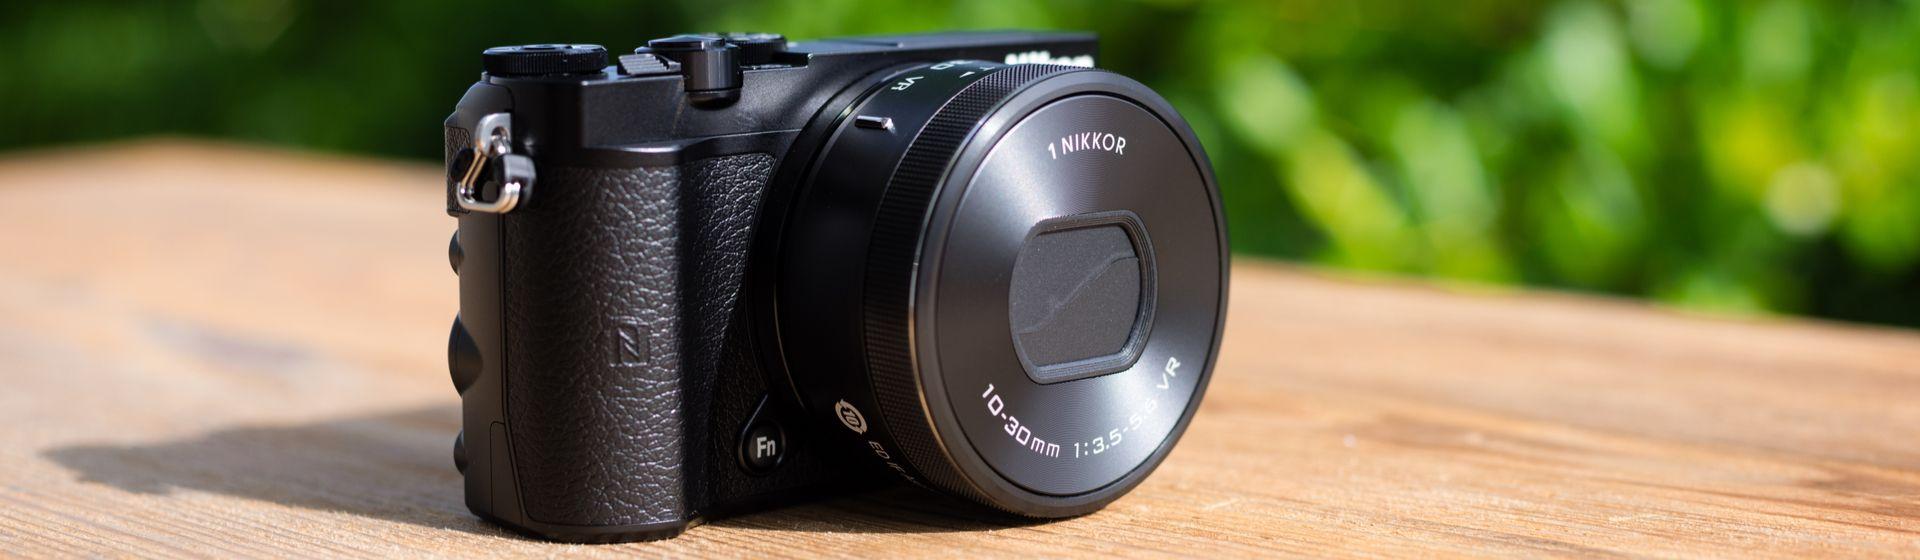 Câmeras mais vendidas de março de 2021: Canon Rebel SL3 lidera